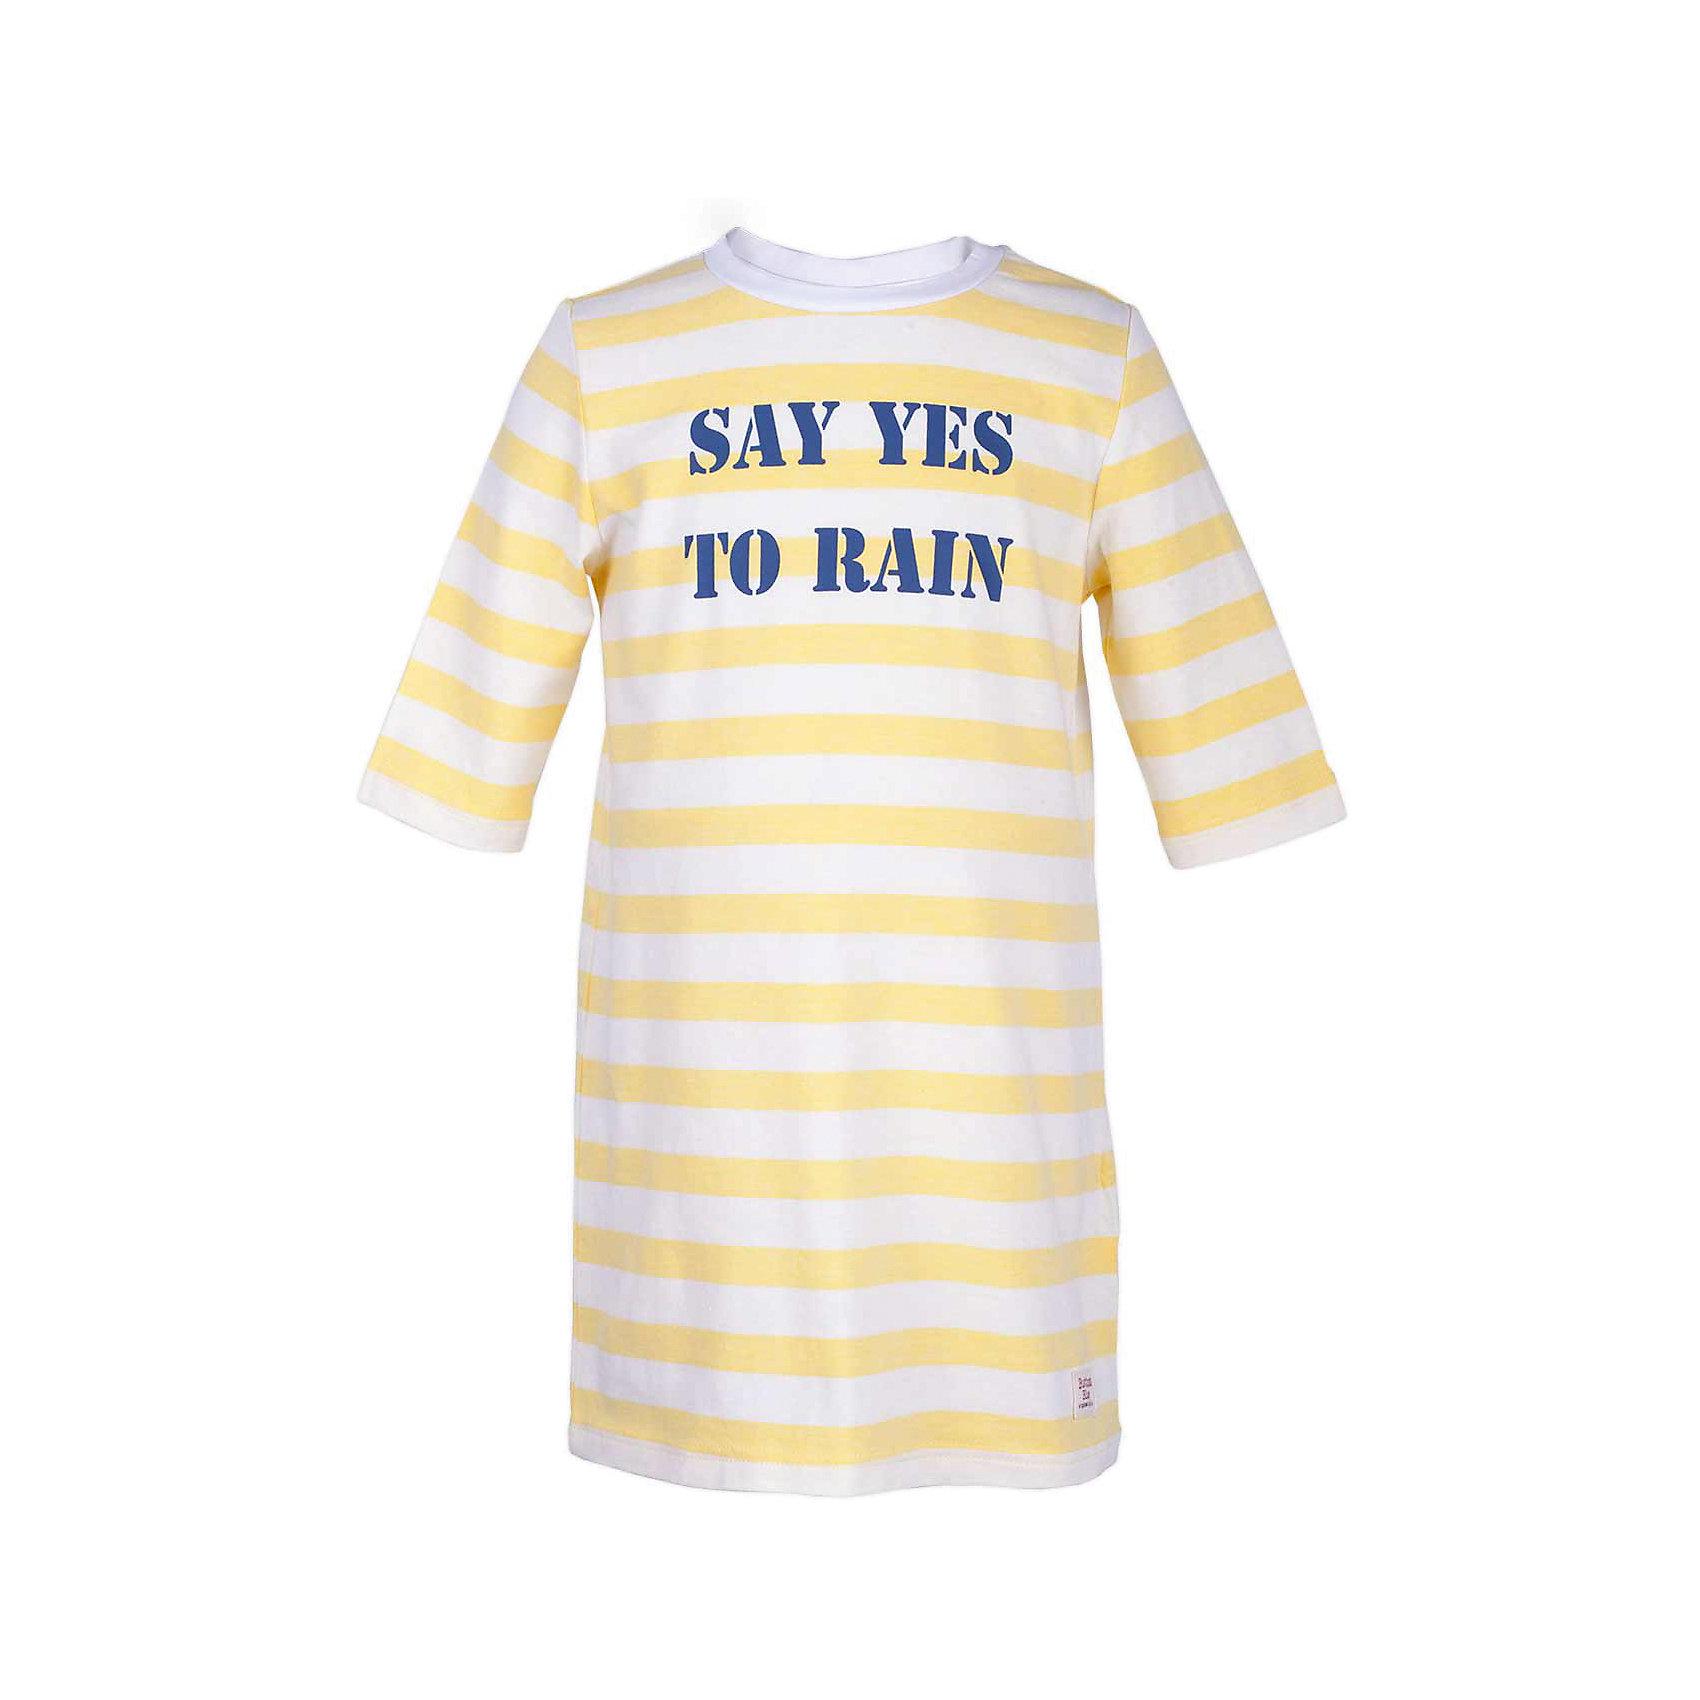 Платье для девочки  BUTTON BLUEПлатья и сарафаны<br>Платье для девочки  BUTTON BLUE<br>Хит прогулочного летнего гардероба, полосатое трикотажное платье, выглядит отлично! Модная трапециевидная форма, динамичный рисунок, рукав 3/4, симпатичный шрифтовой принт делают платье идеальным решением на каждый день. Купить детское трикотажное платье от Button Blue, значит, позаботиться о комфорте и прекрасном внешнем виде своего ребенка.<br>Состав:<br>95% хлопок 5% эластан<br><br>Ширина мм: 236<br>Глубина мм: 16<br>Высота мм: 184<br>Вес г: 177<br>Цвет: желтый<br>Возраст от месяцев: 144<br>Возраст до месяцев: 156<br>Пол: Женский<br>Возраст: Детский<br>Размер: 158,98,104,110,116,122,128,134,140,146,152<br>SKU: 5523449